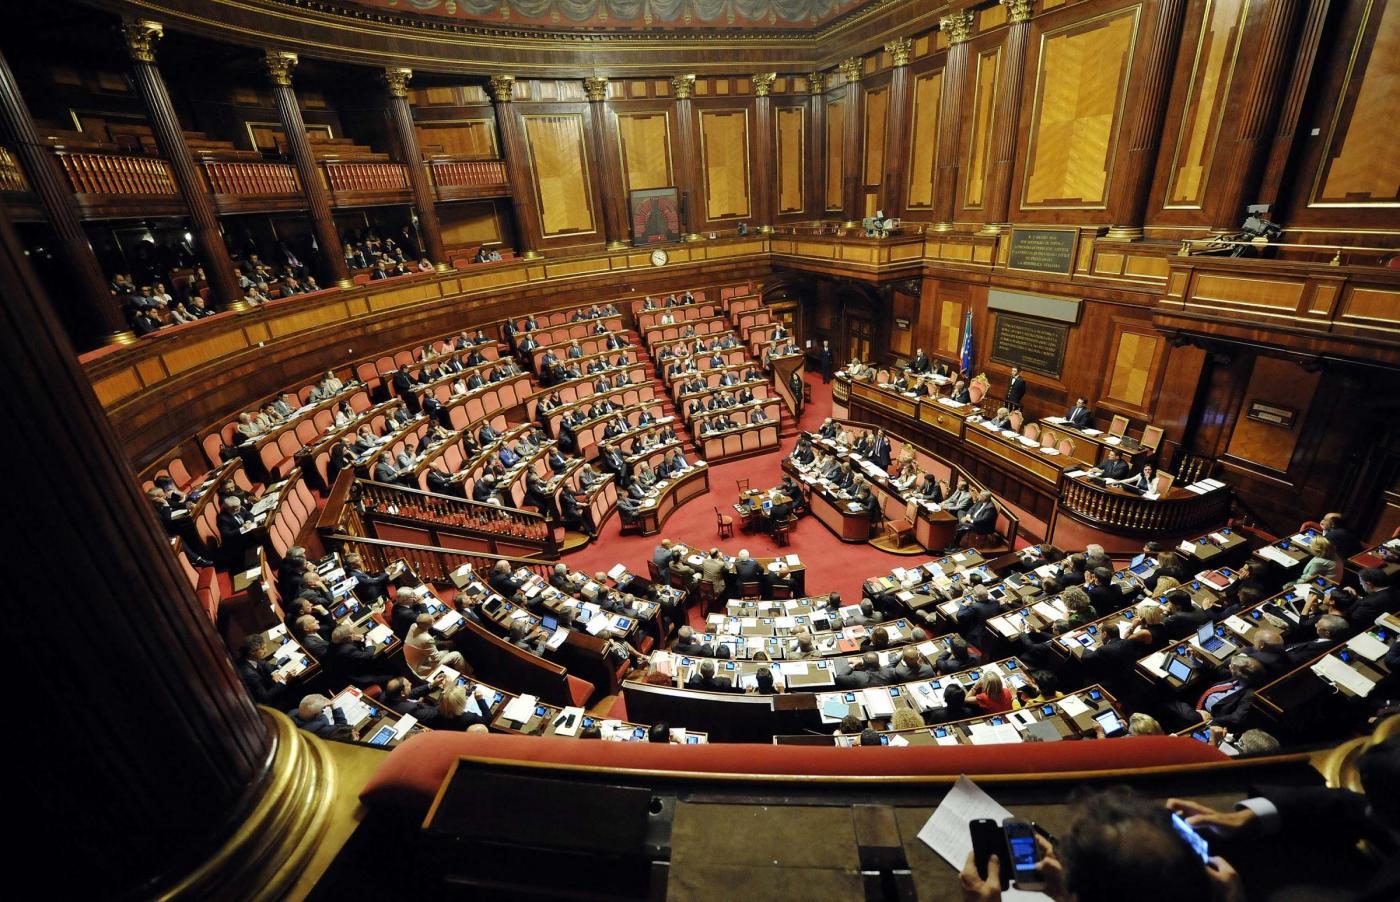 Senato - Informativa del Presidente del Consiglio Matteo Renzi sulle linee di attuazione del piano di governo